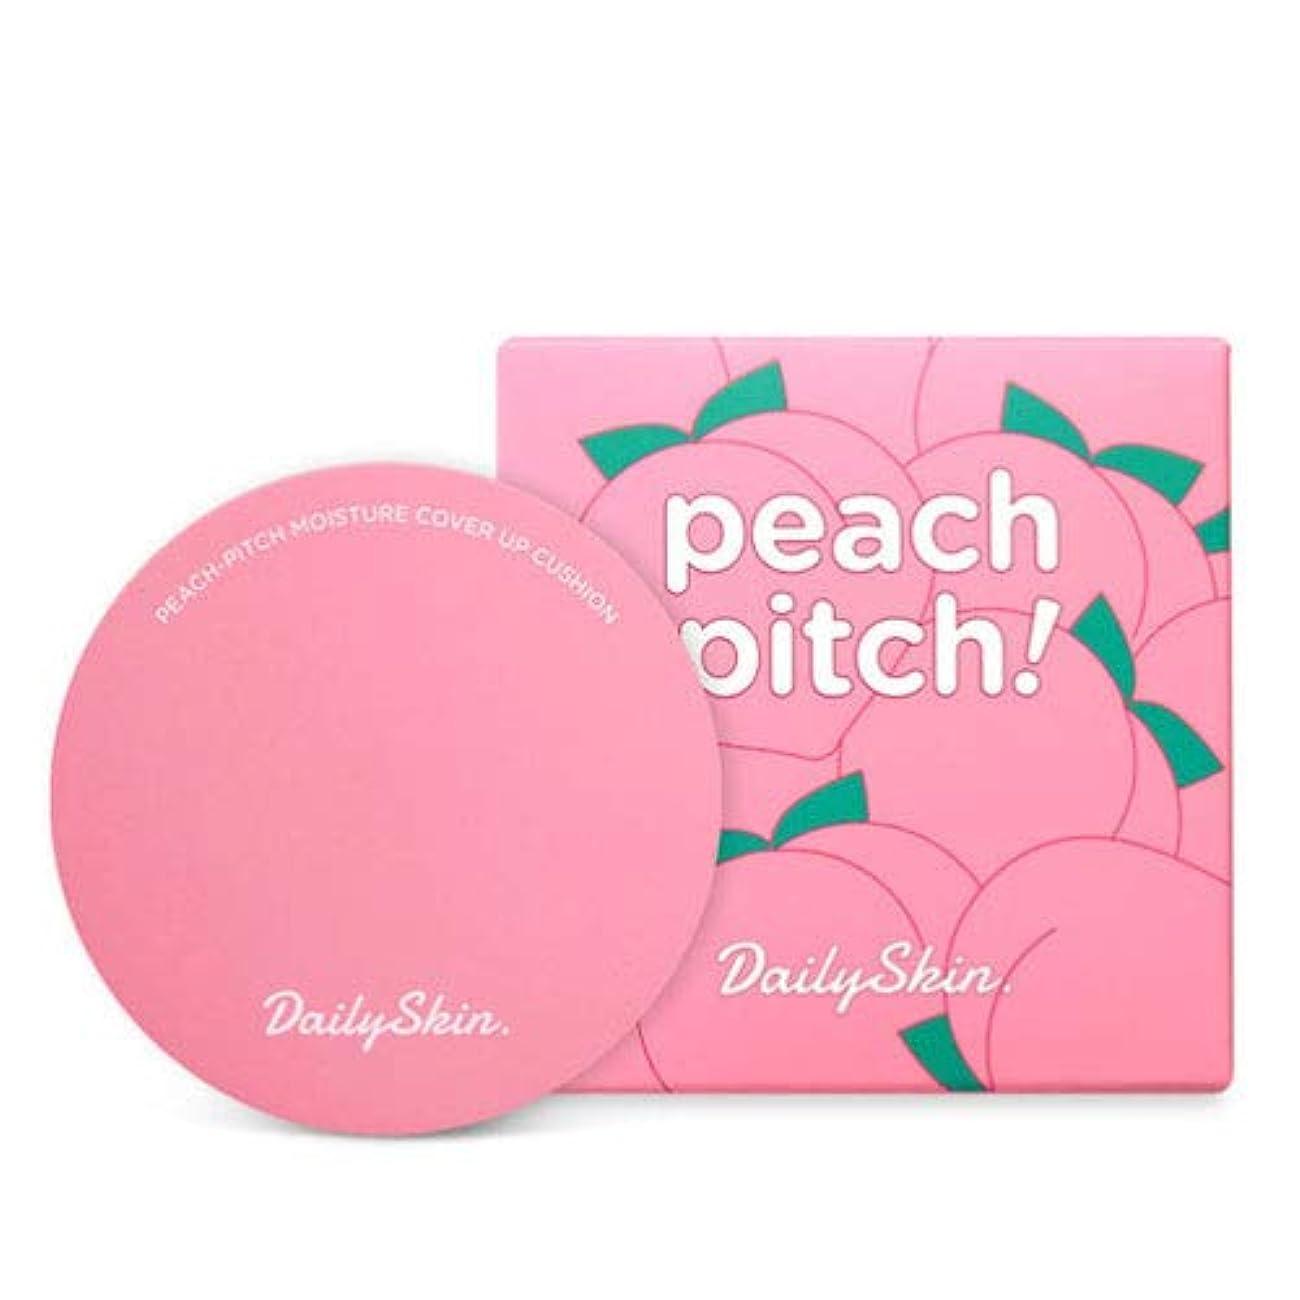 カリング暖かく発見する[RENEWAL] デイリースキン ピーチ モイスチャー カバー アップ クッション Daily Skin Peach-Pitch Moisture Cover Up Cushion (No.23 Peach Natural...